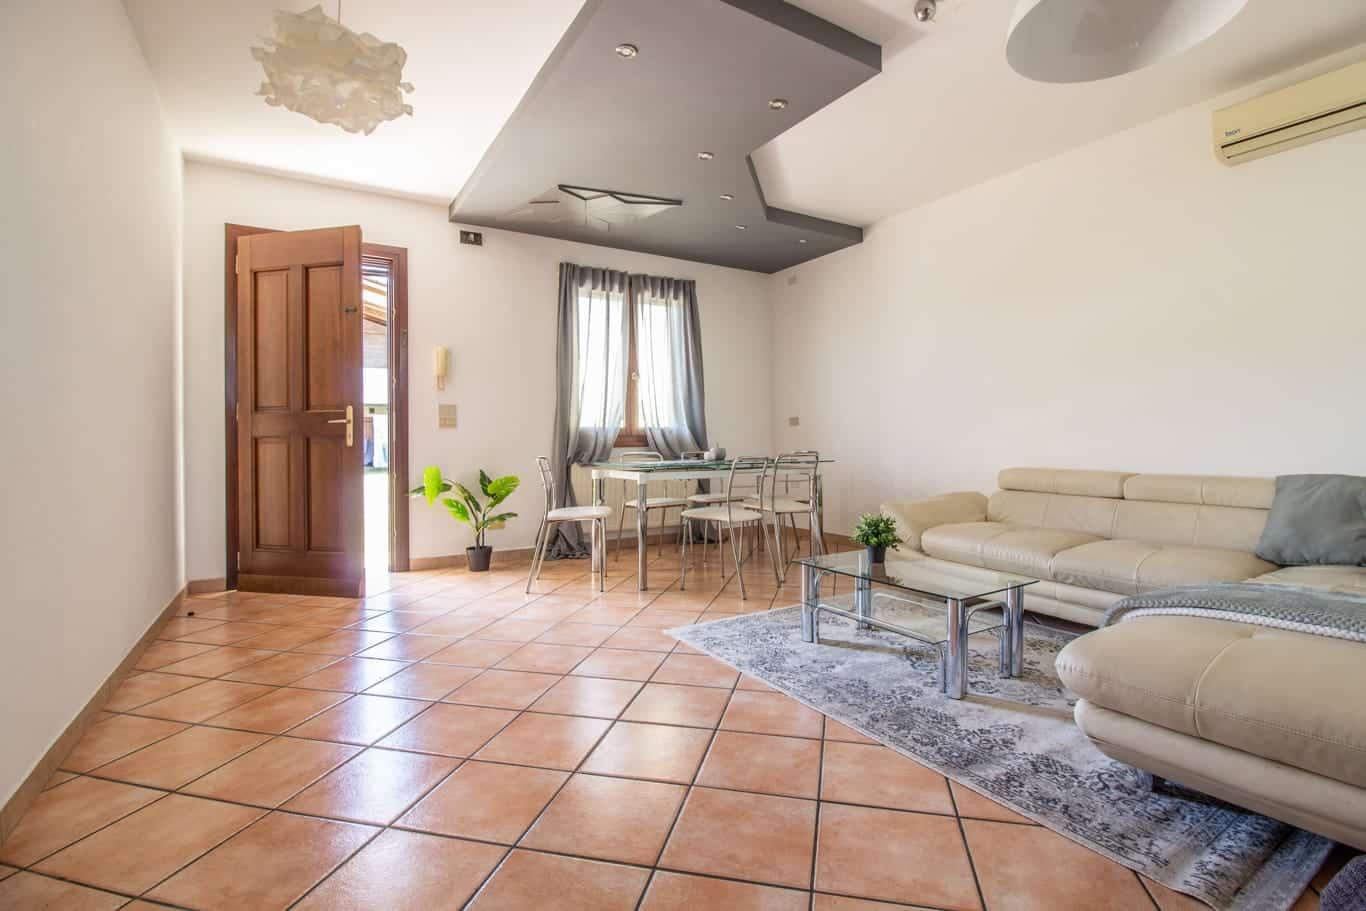 homelead-immobiliare-appartamento-zoppola (7 of 8)